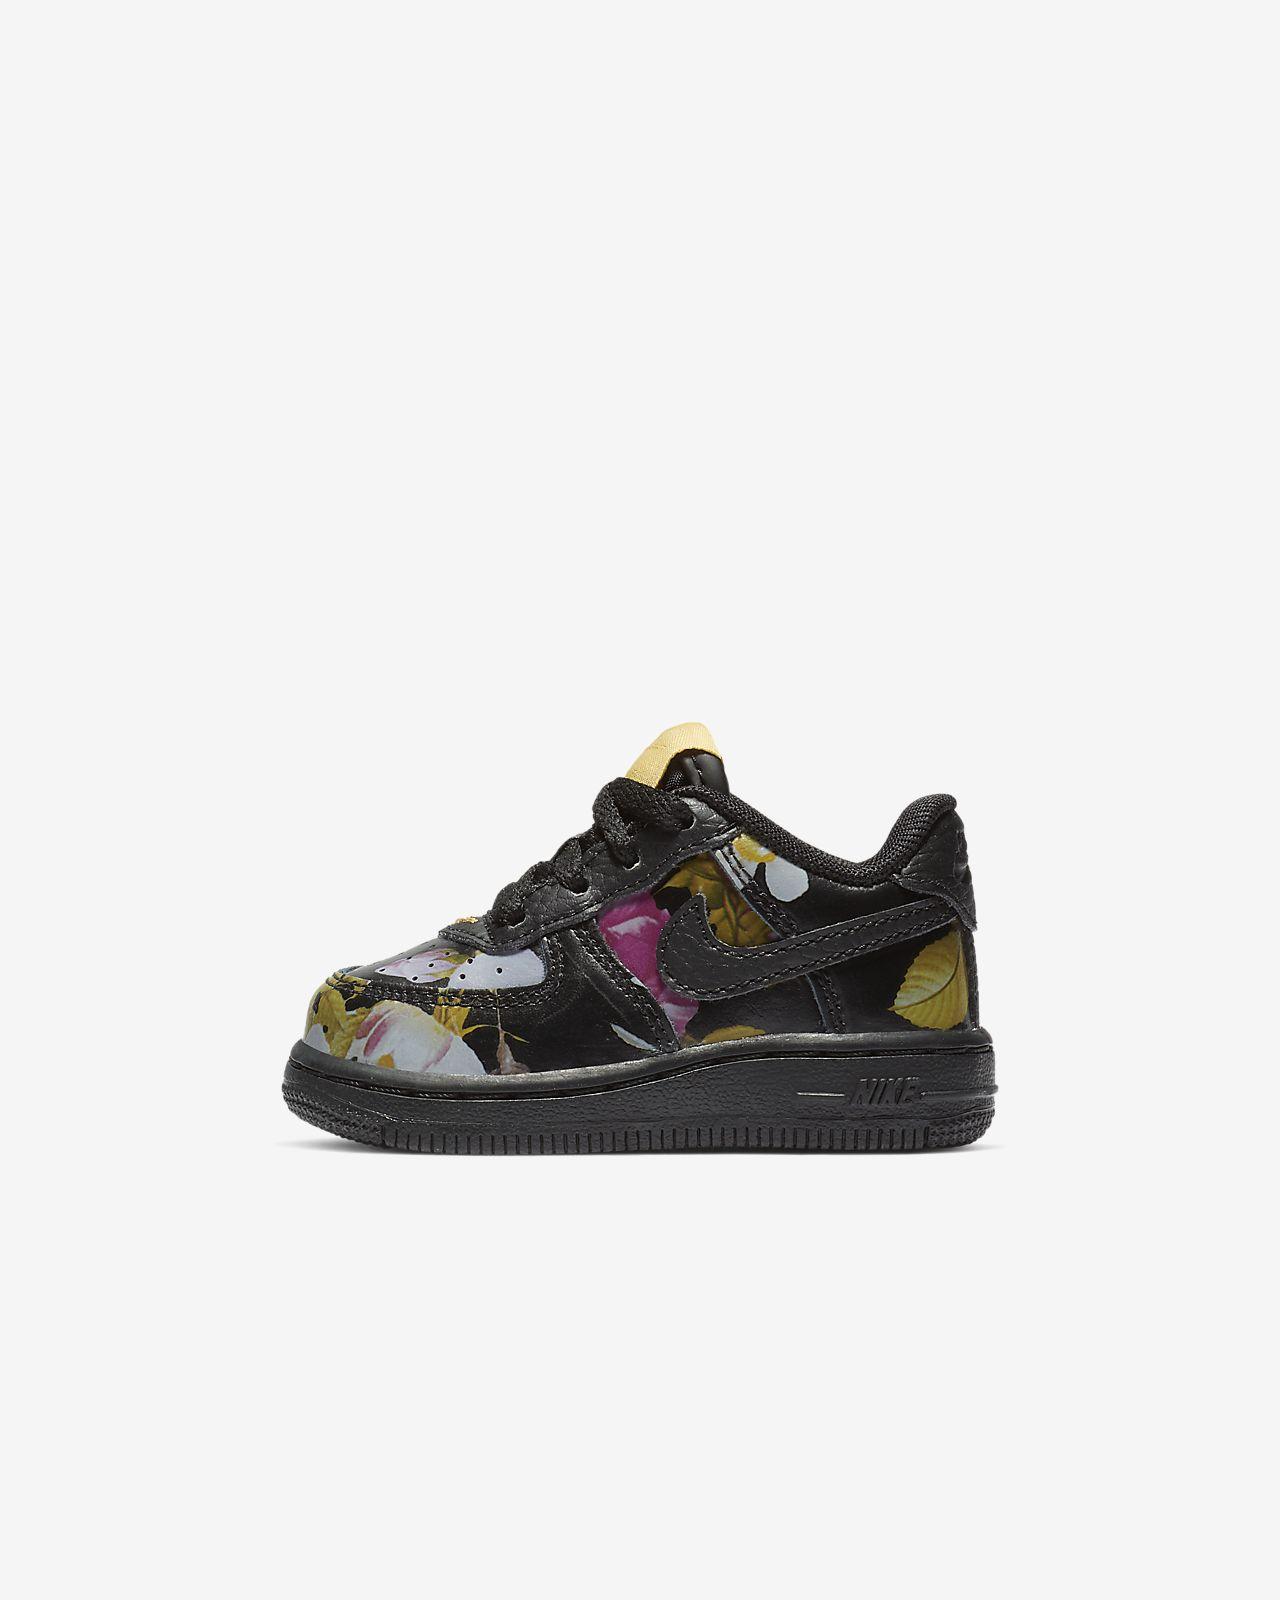 Calzado floral para bebé e infantil Nike Force 1 LXX